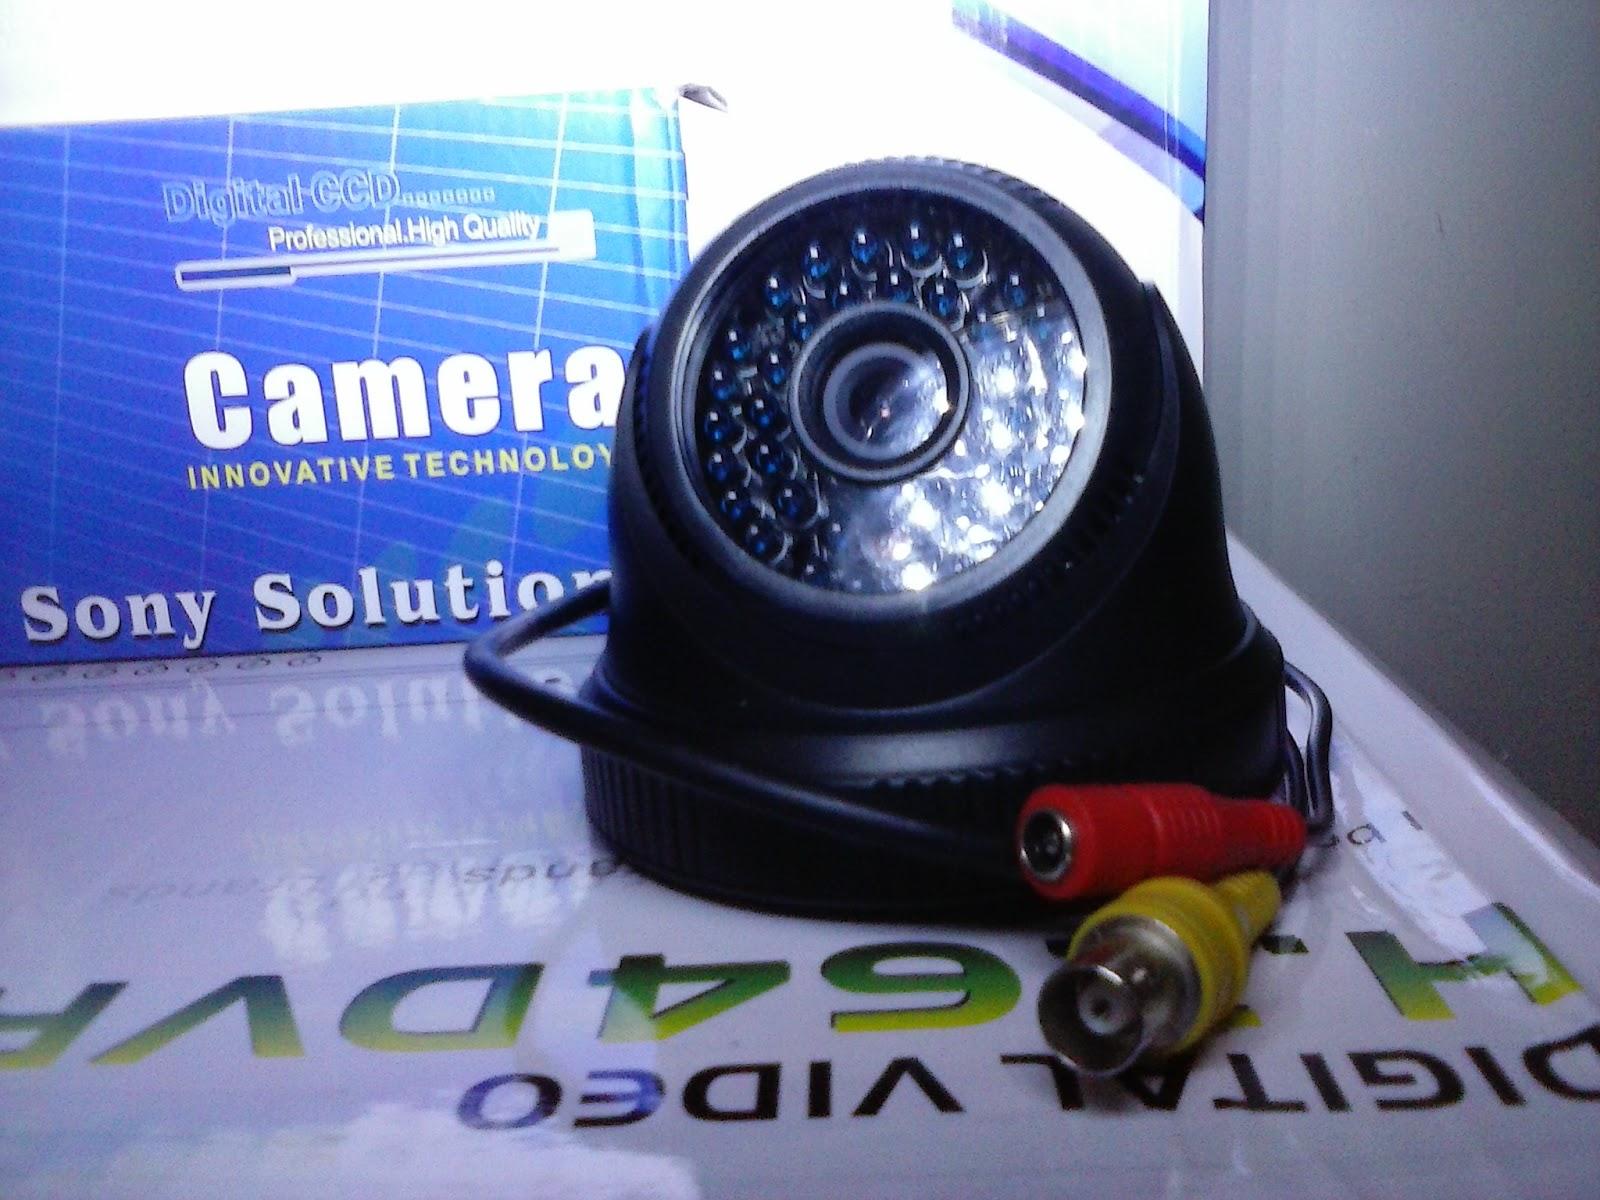 Contoh unit CCTV 520 TVL